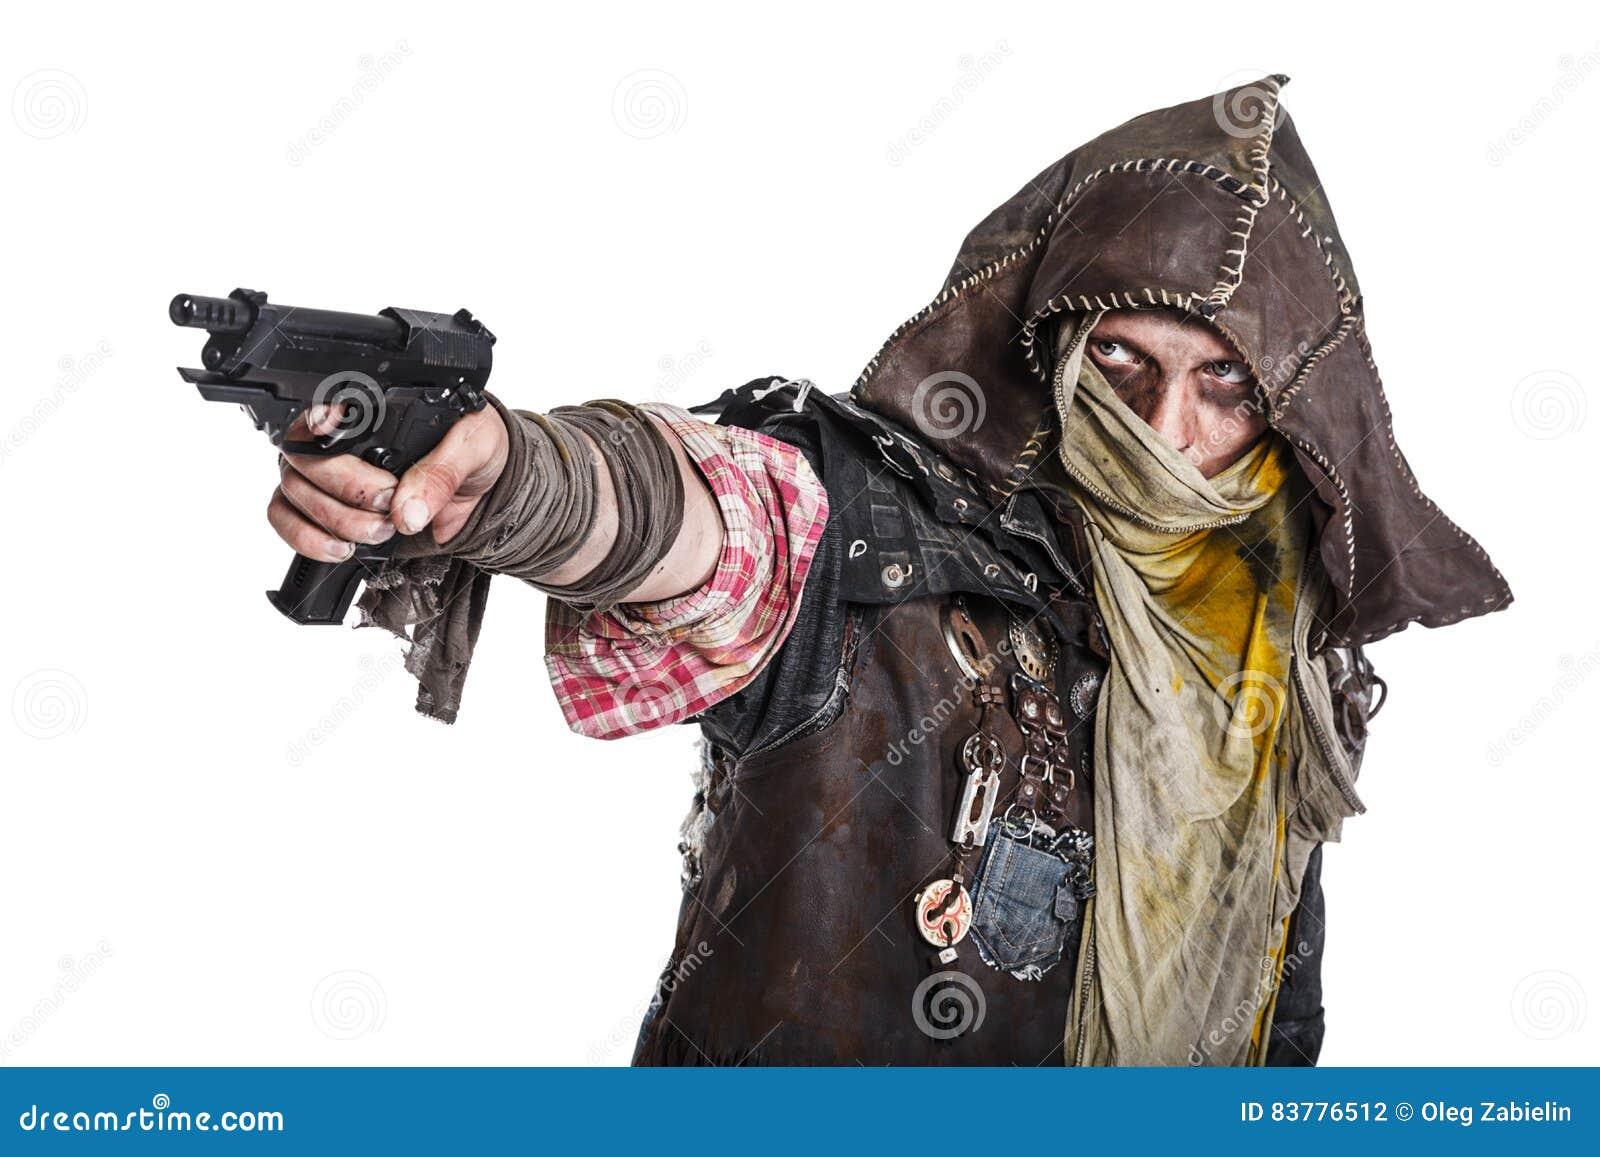 Sobrevivente do apocalipse do cargo que aponta uma arma